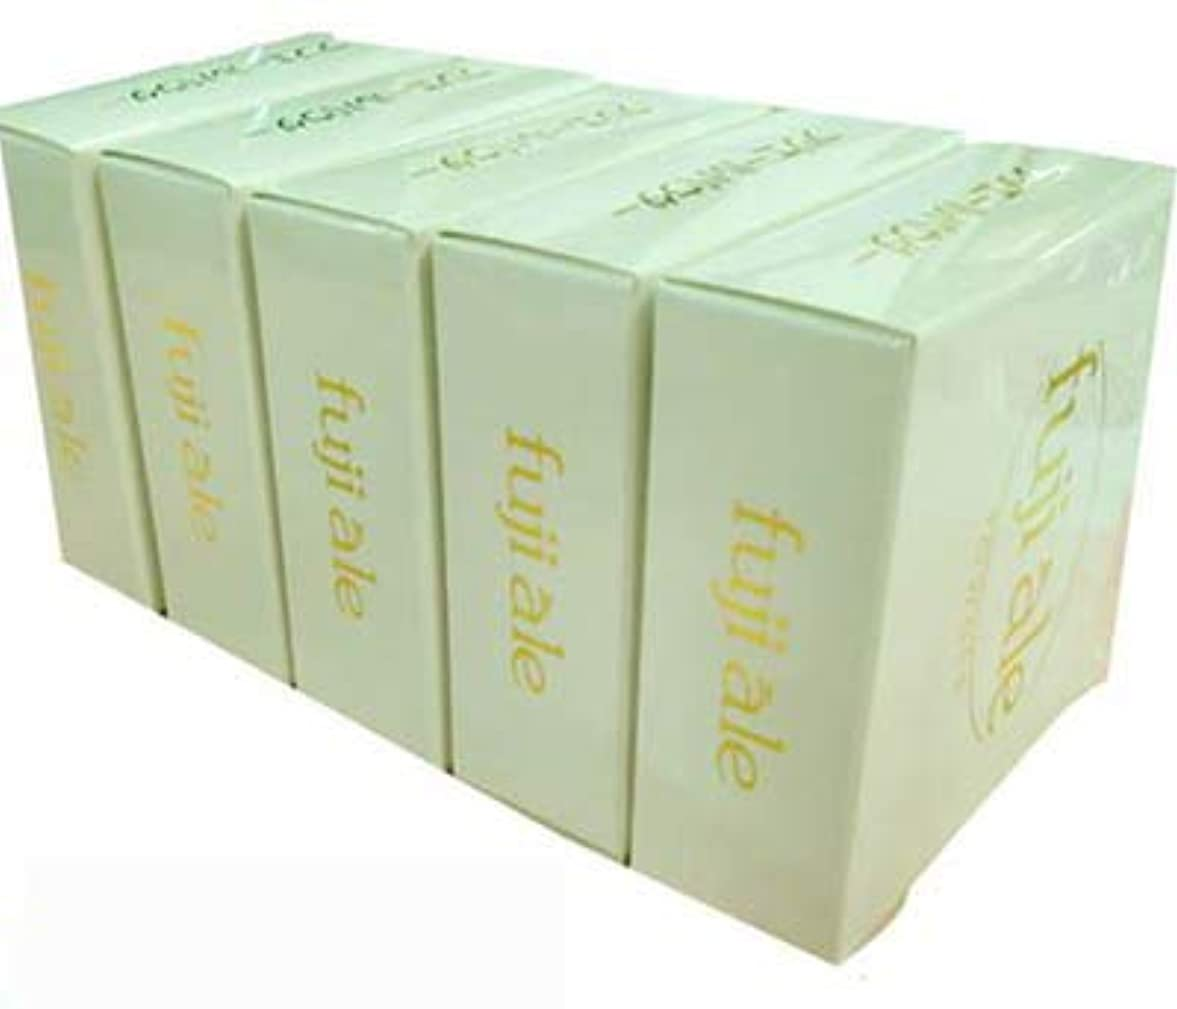 家族重要な役割を果たす、中心的な手段となる実質的に薬用フジエールパウダー30g 5箱組